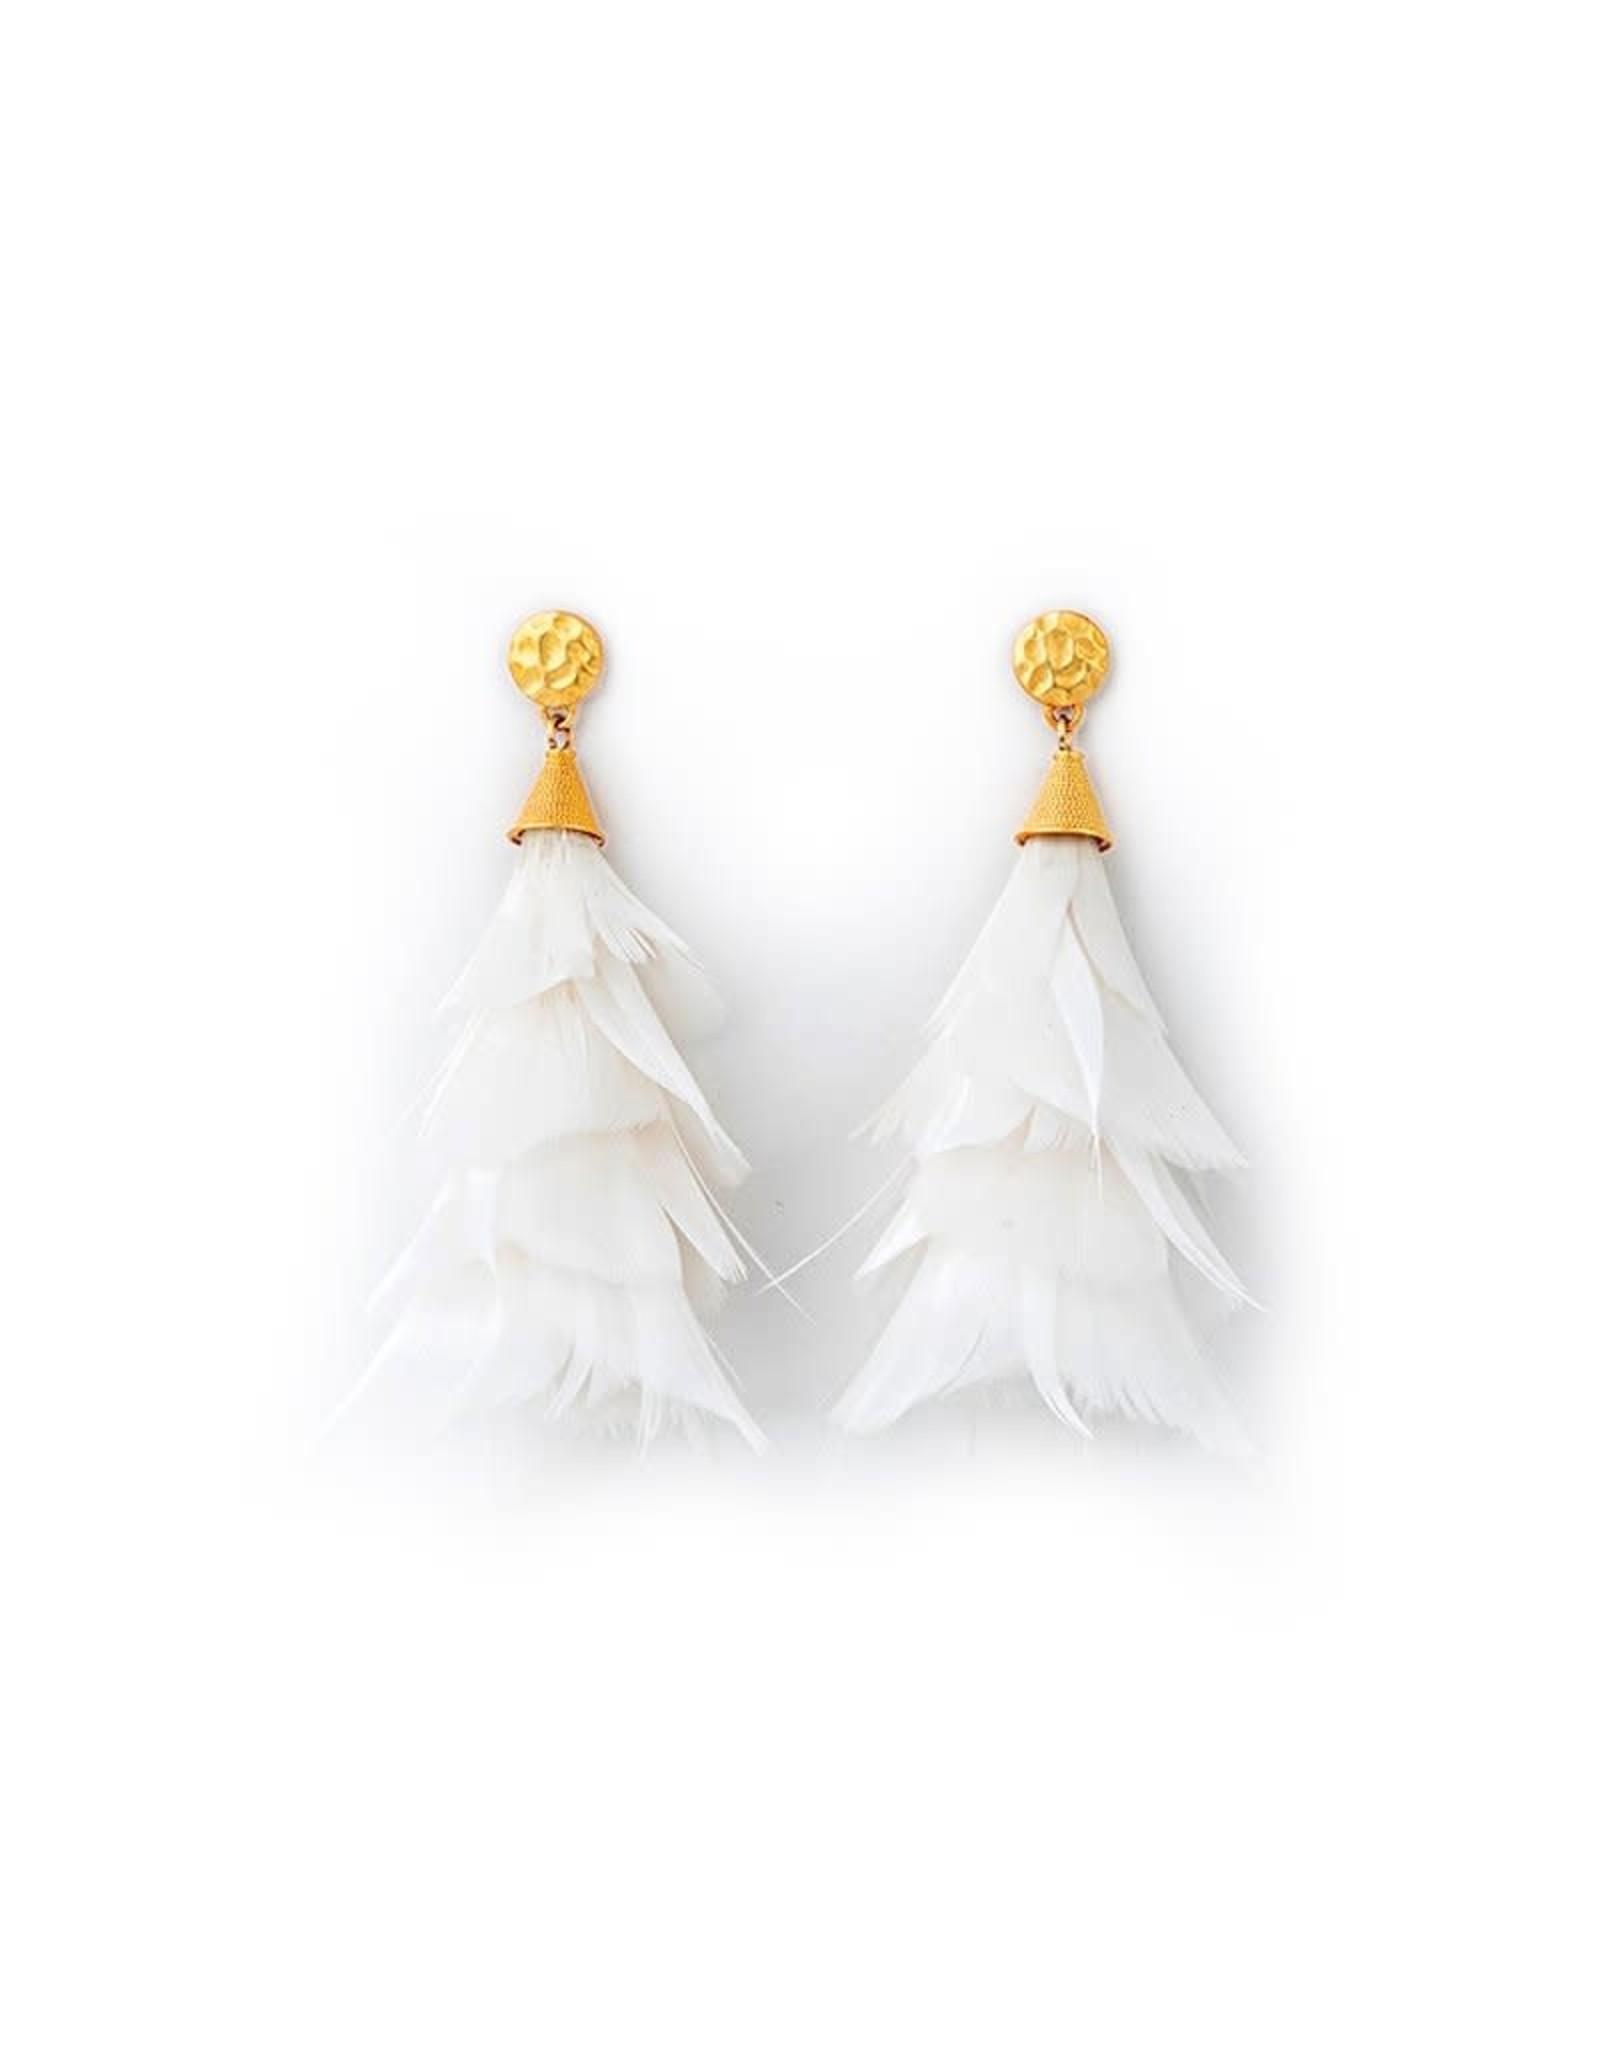 Brackish Jane Earrings - Goose Feathers